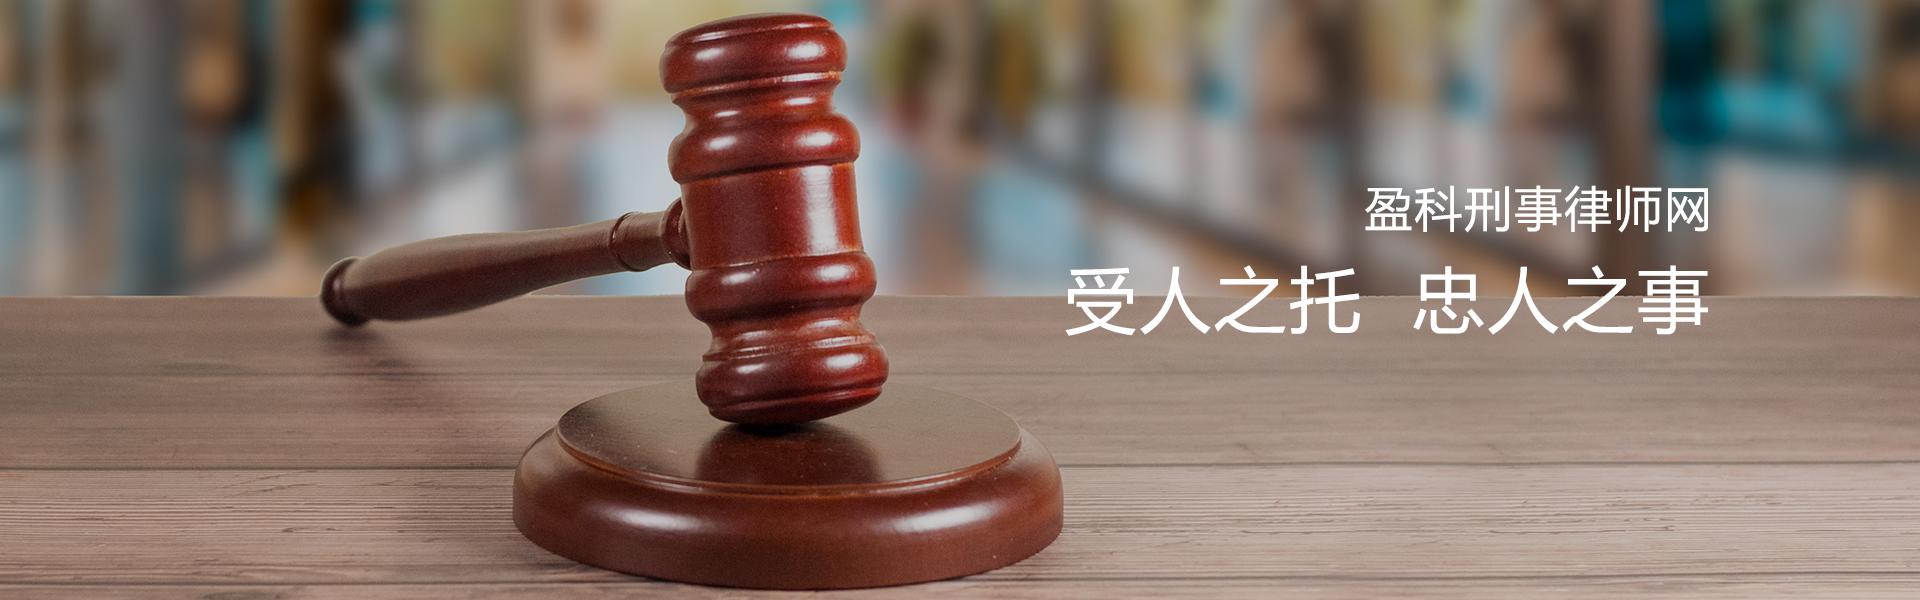 石家庄刑事律师&石家庄刑事诉讼律师&石家庄刑事辩护律师